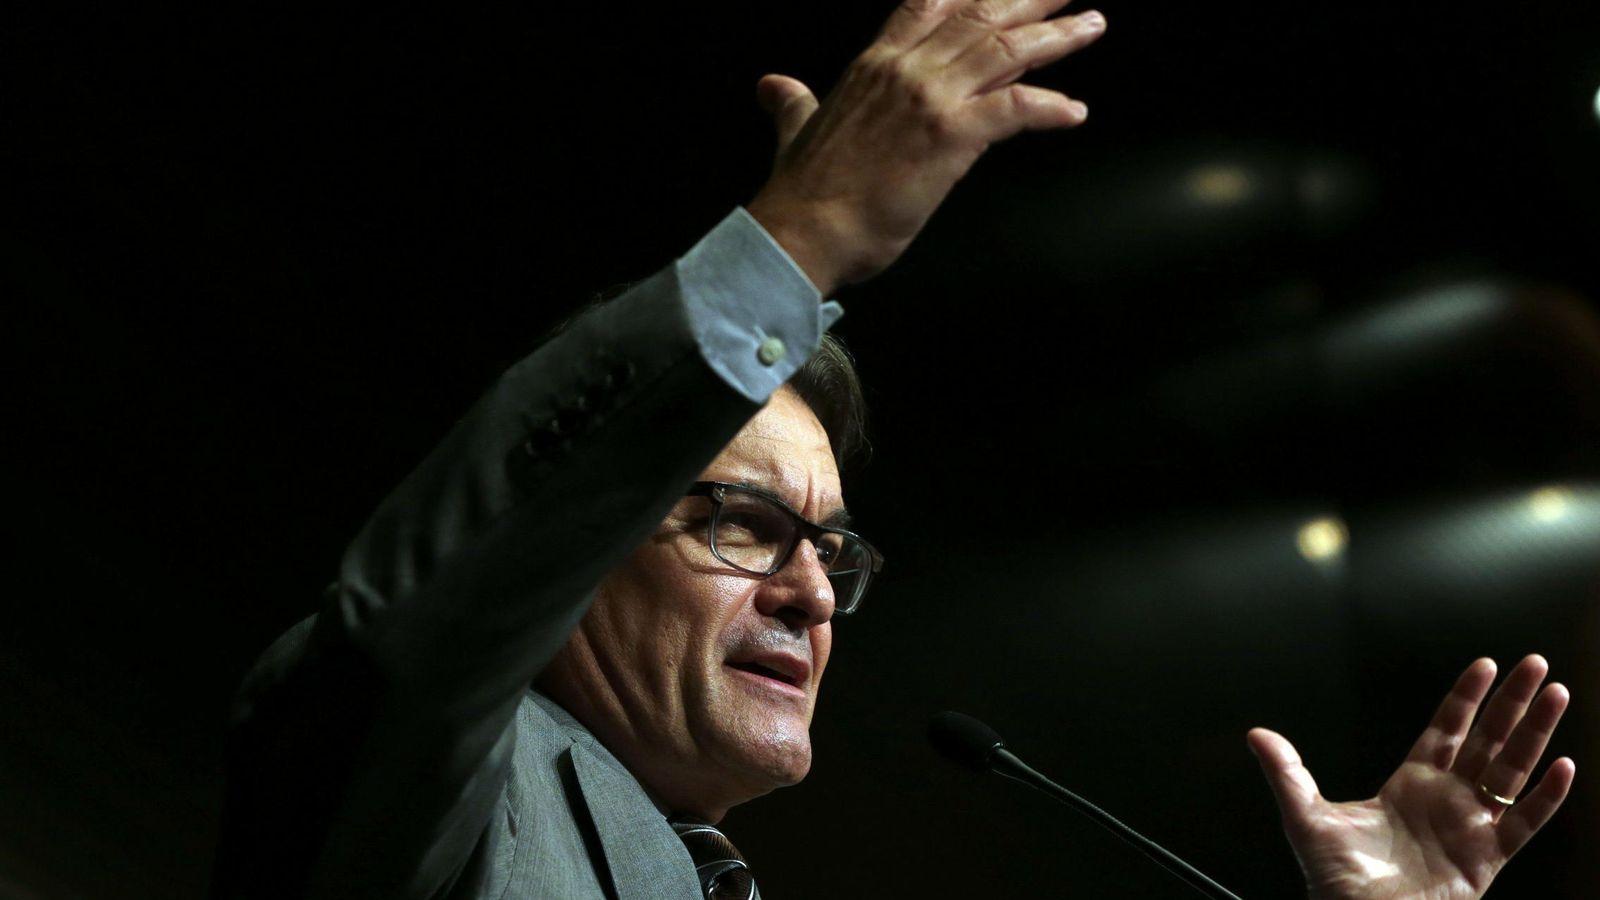 Foto: El presidente de la Generalitat y candidato nº 4 de la candidatura Junts pel Sí, Artur Mas. (EFE)